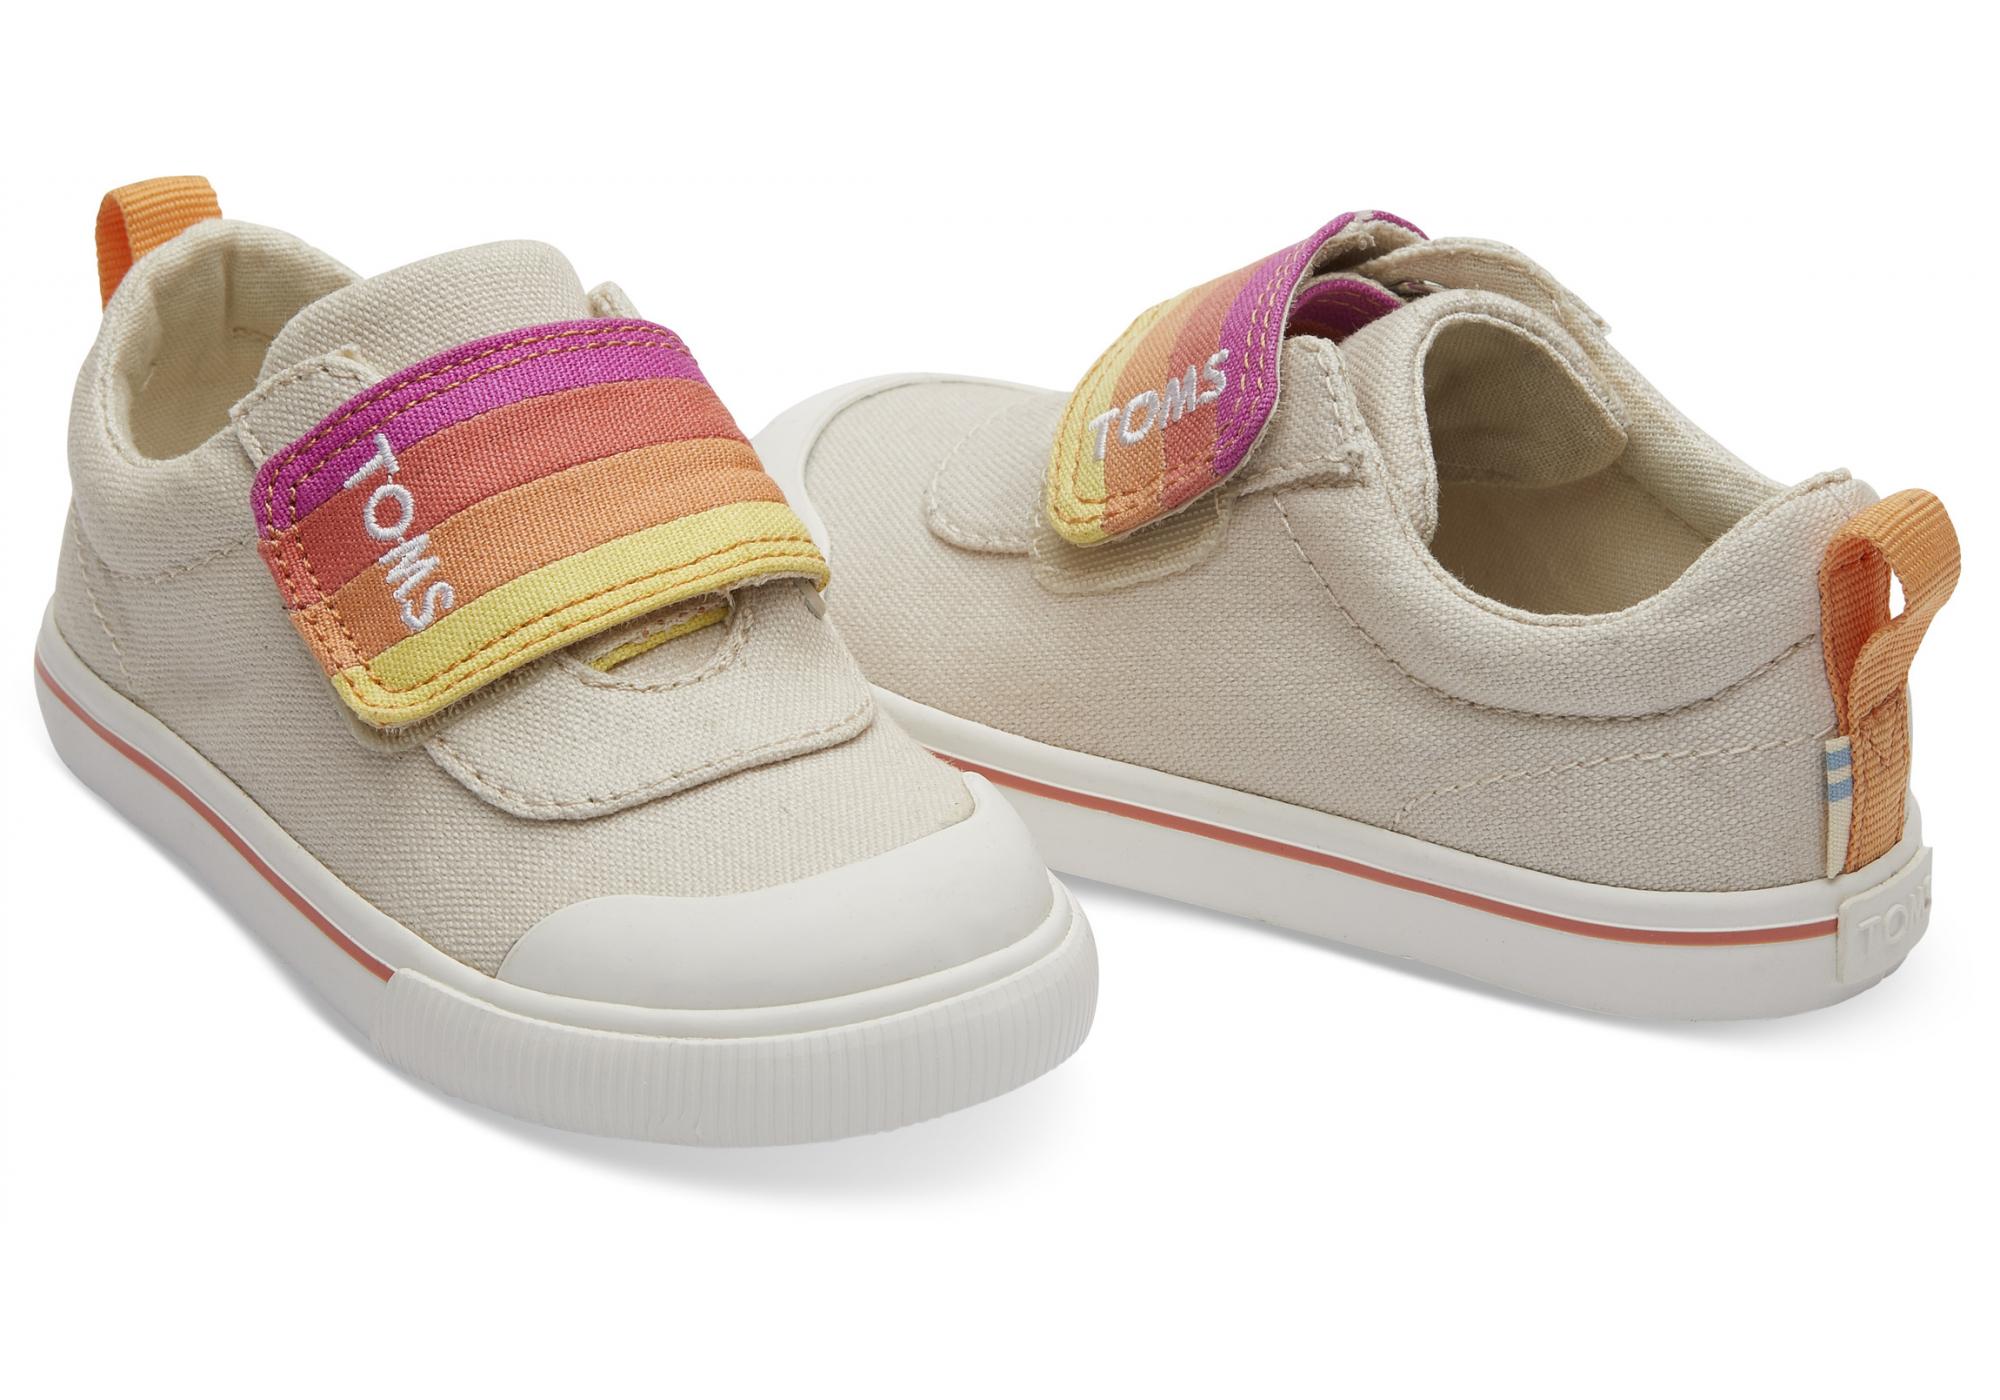 7339b3d7f6 Dětské béžové tenisky TOMS Tiny Doheny Sneakers